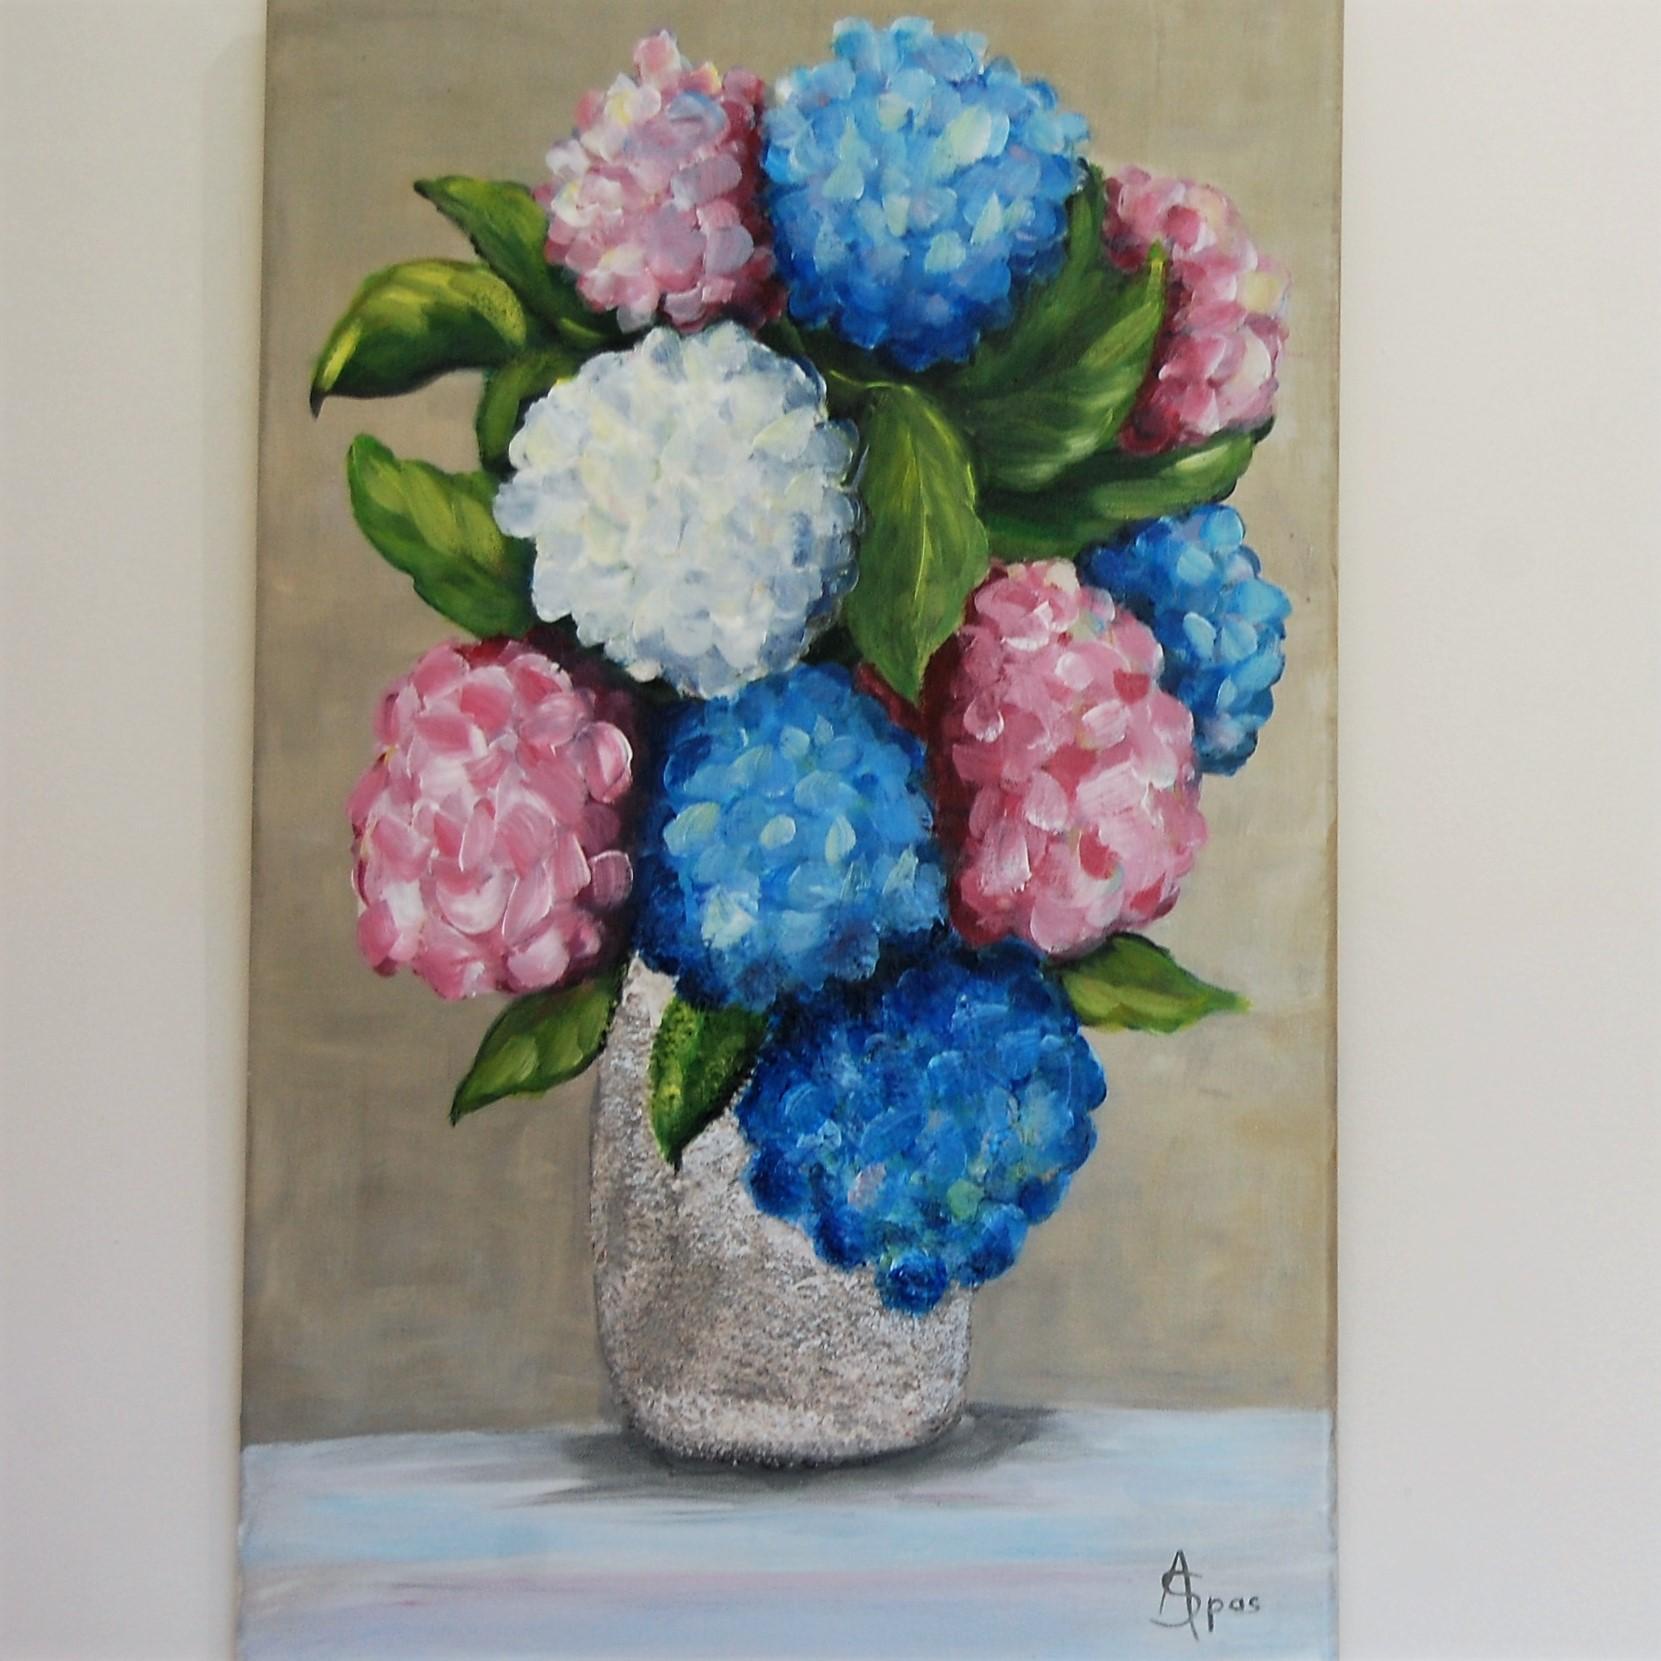 Bouquet d'hortensias 38x61